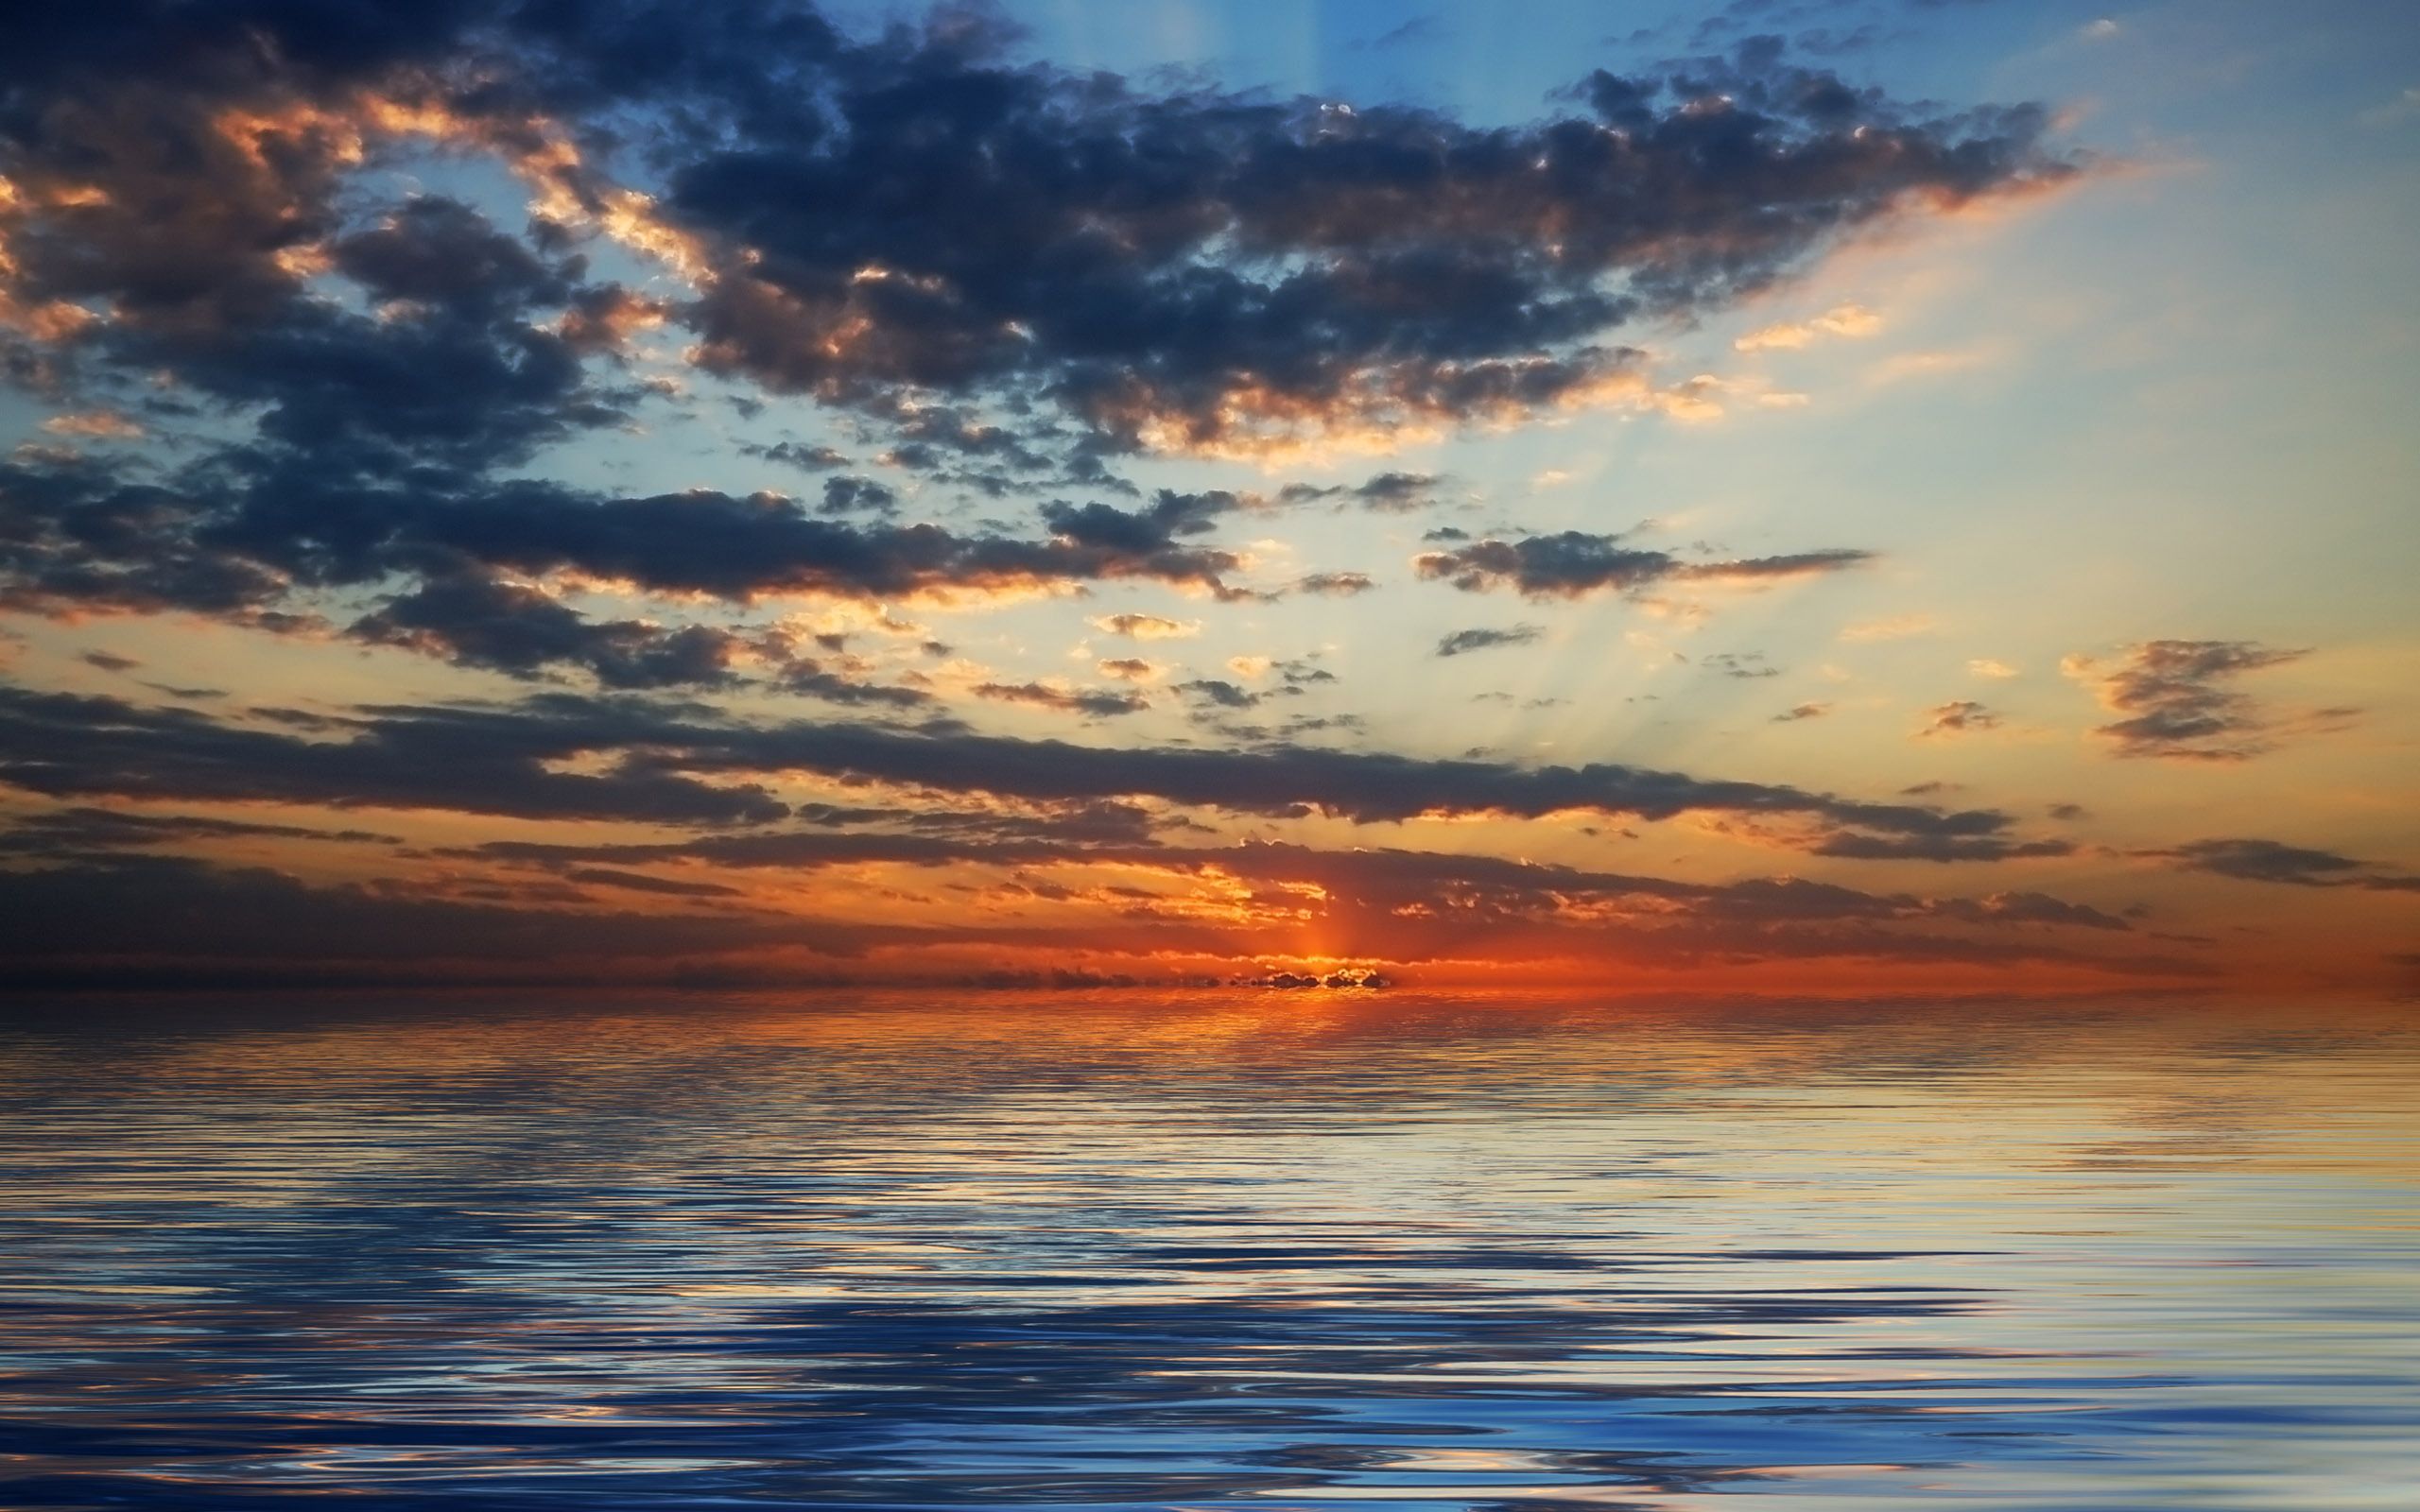 природа море солнце горизонт небо облака  № 717683 загрузить